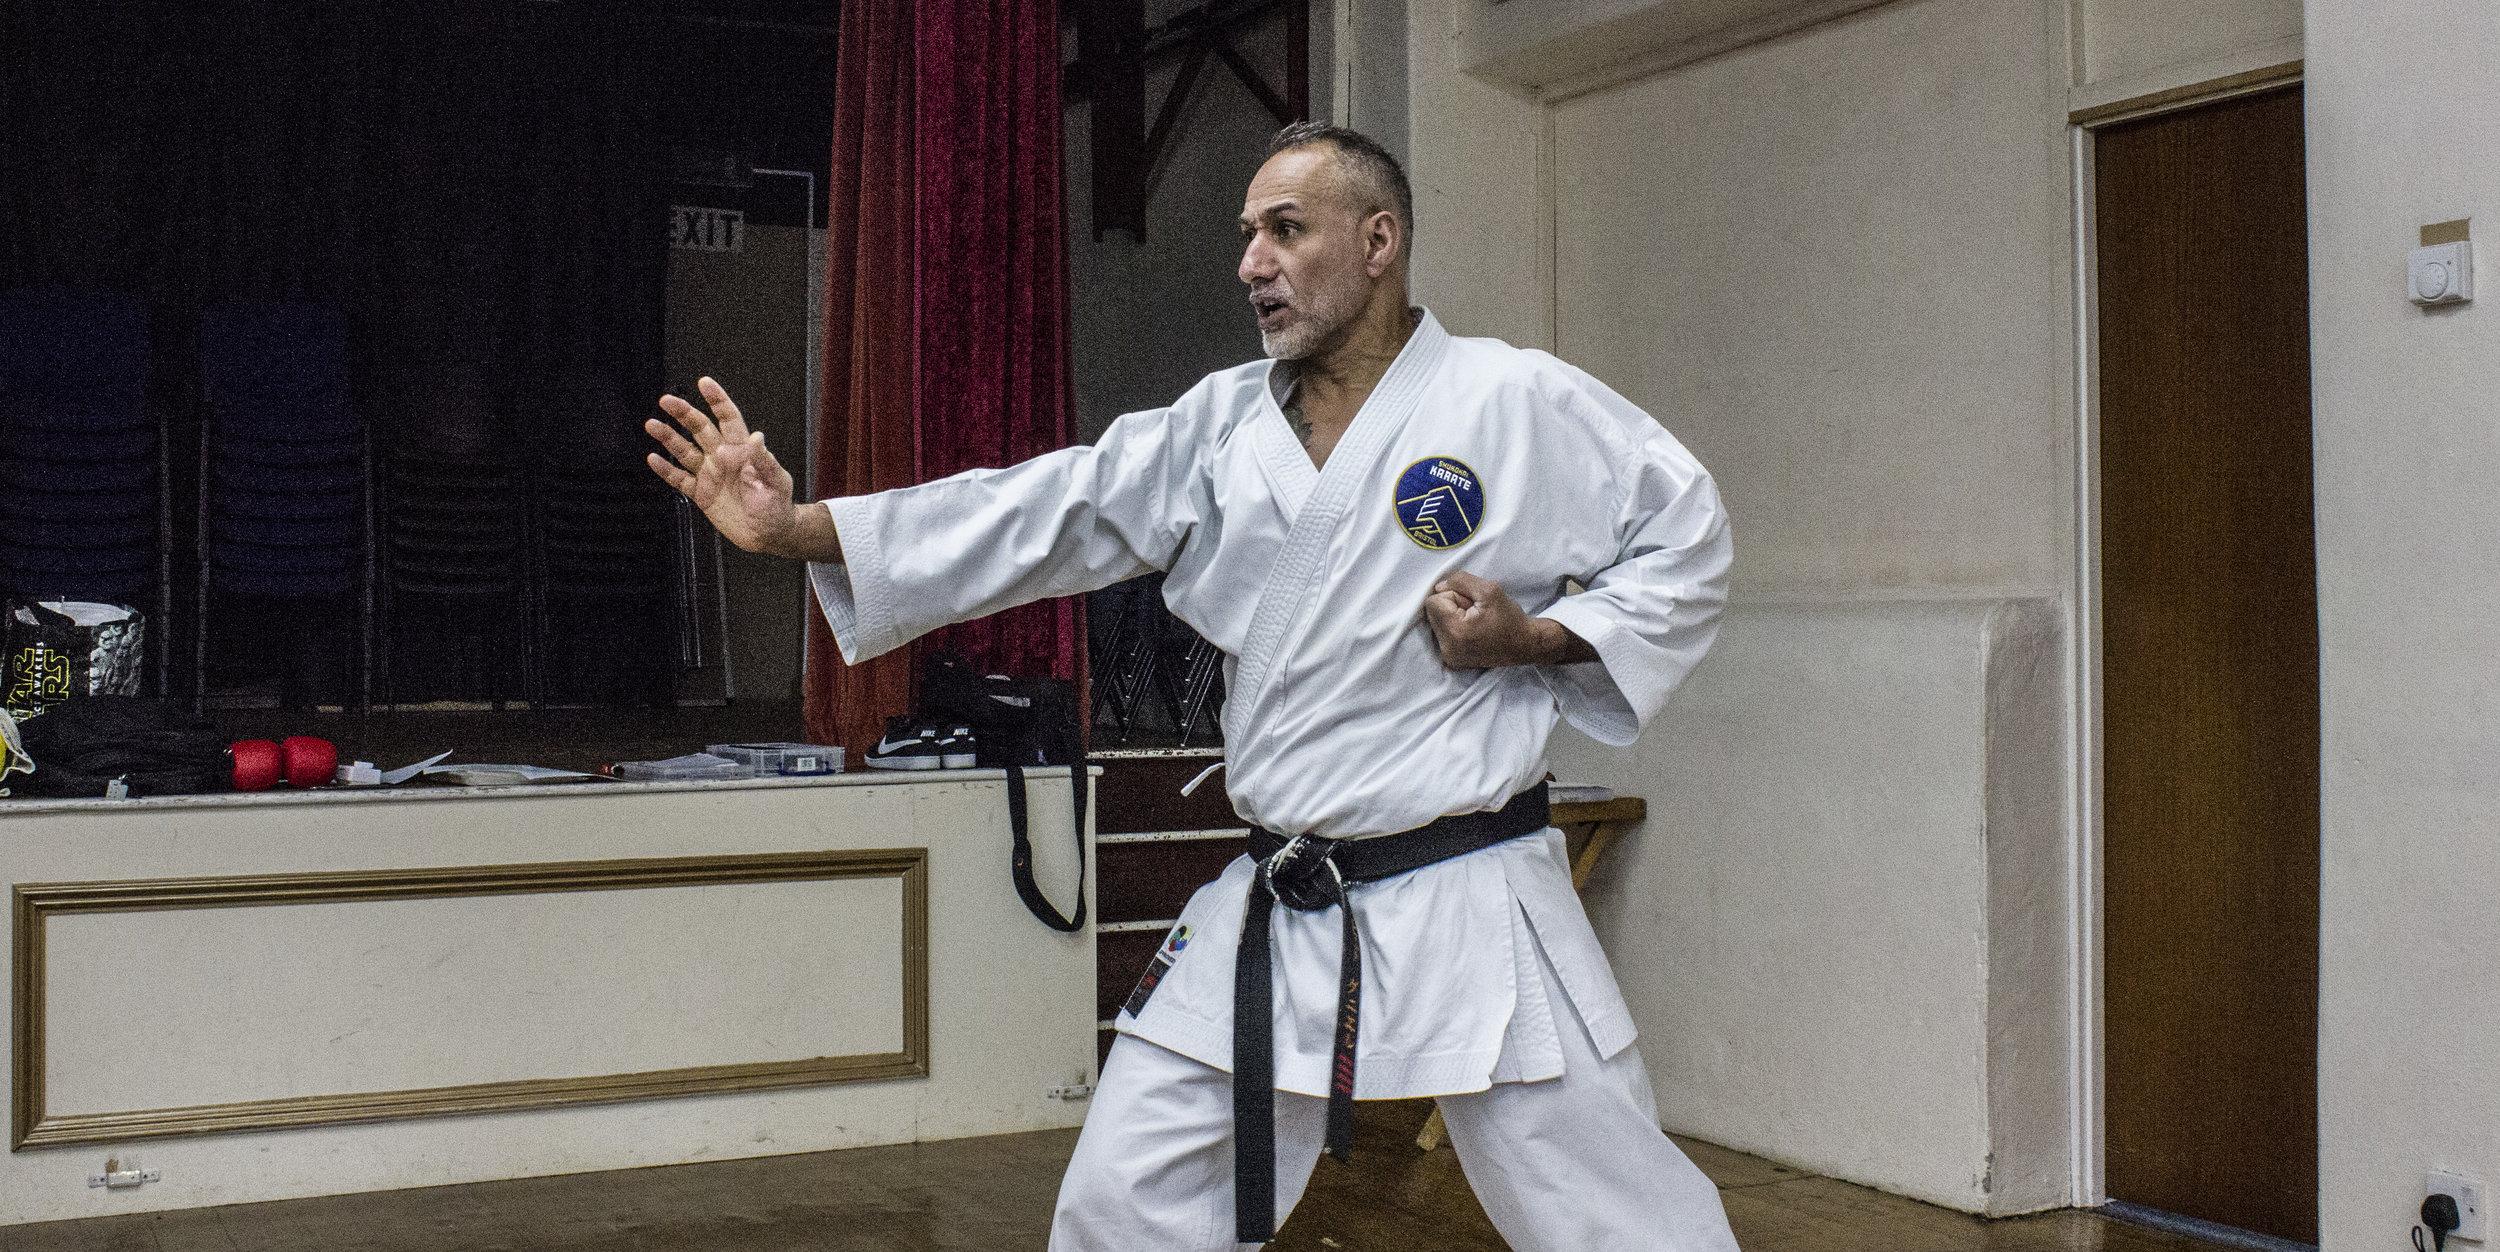 David Judah Daniel performing attack drills